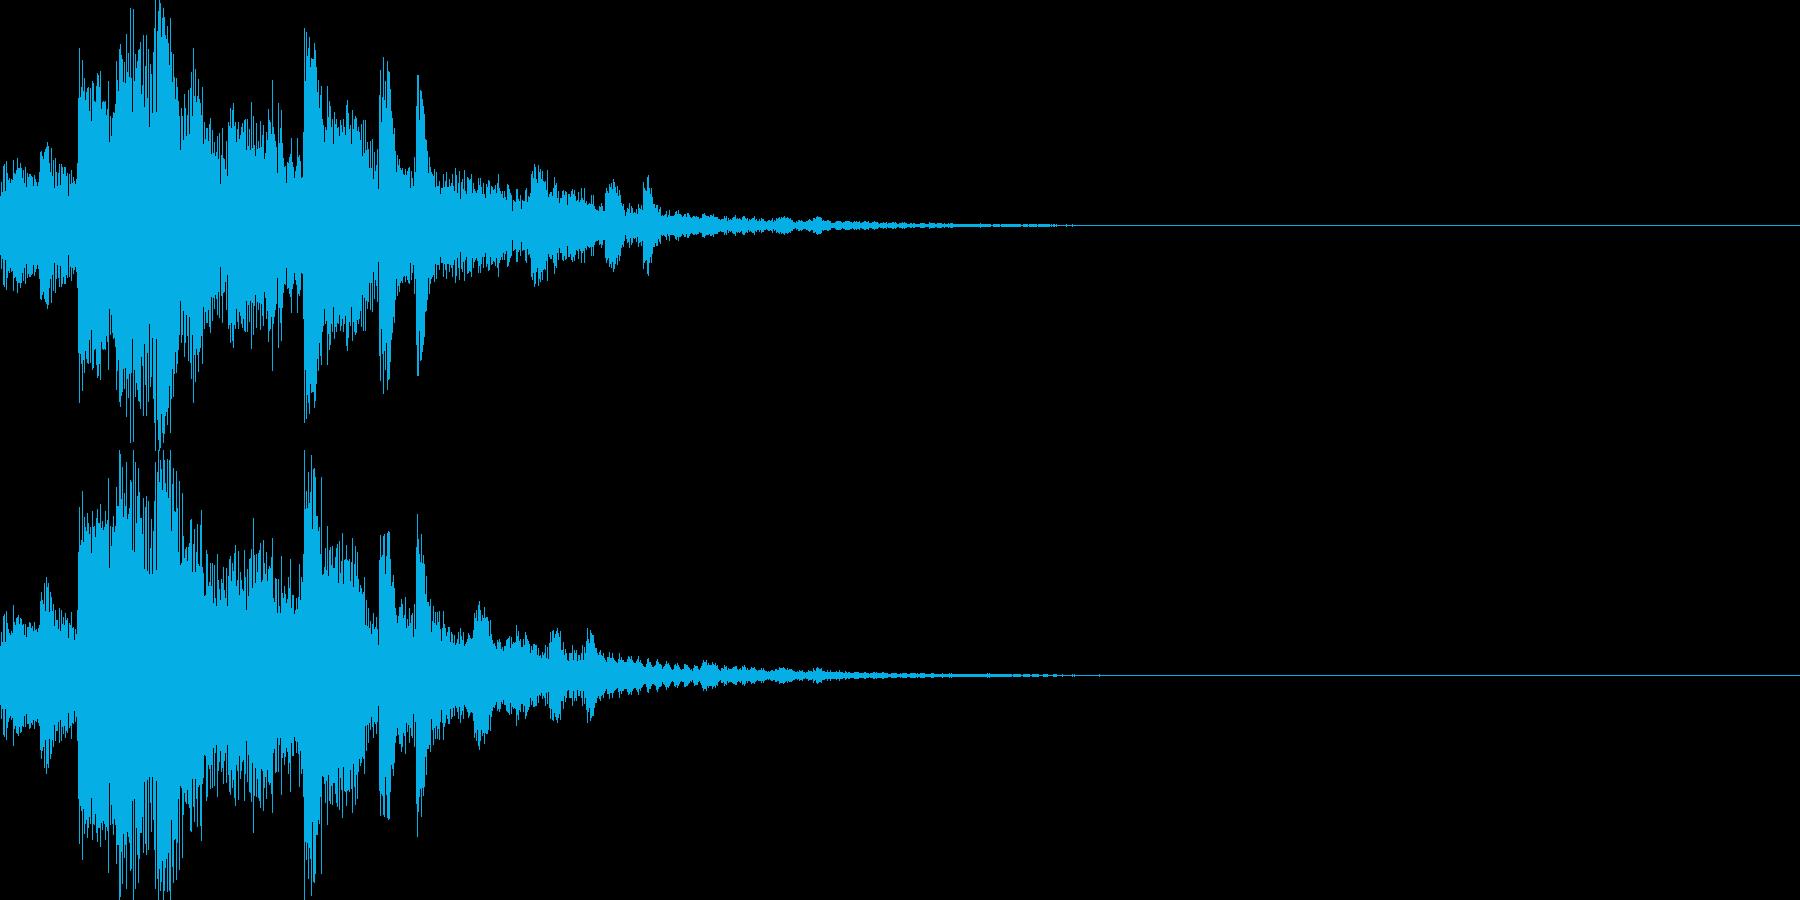 システム音06_シンセ(和風)の再生済みの波形